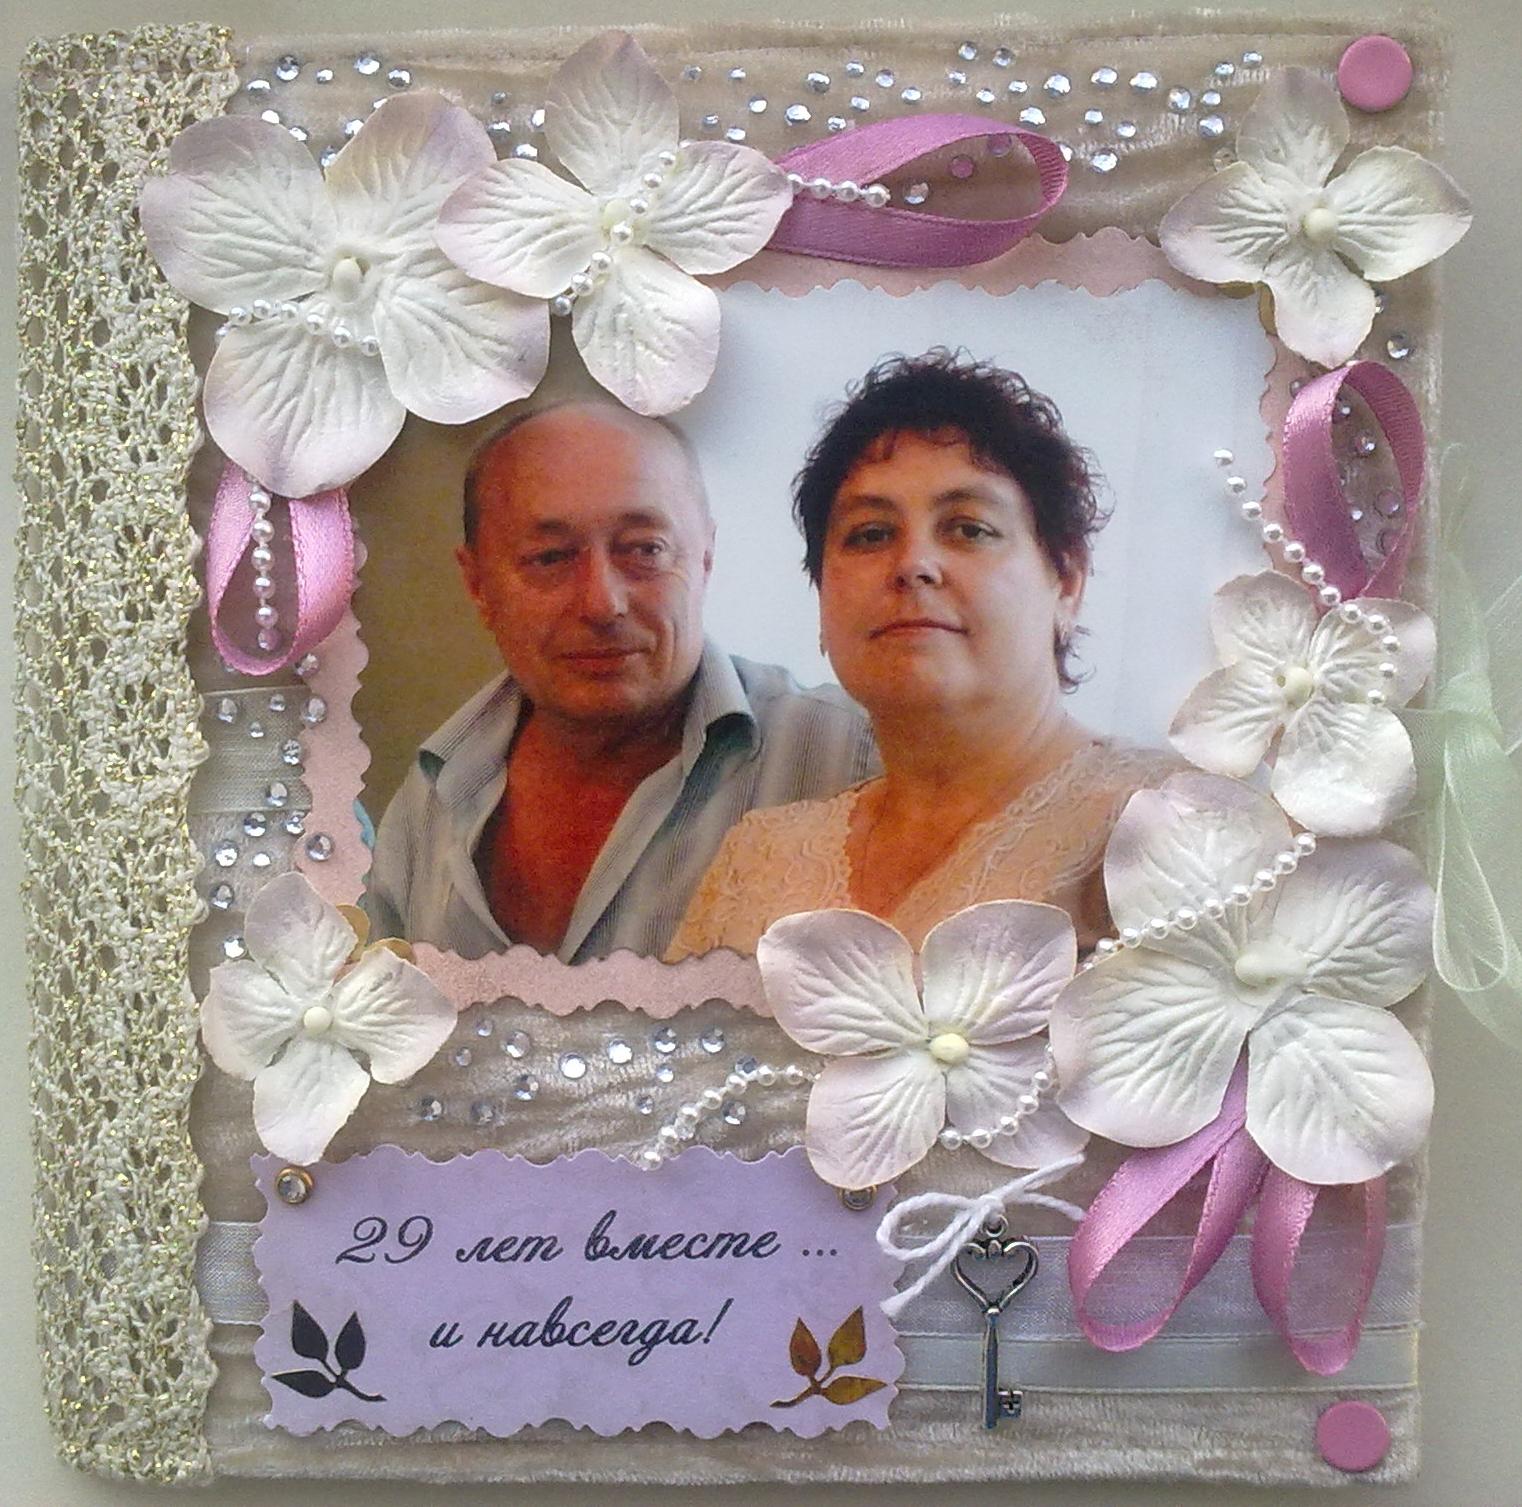 Фото с годовщиной свадьбы 29 лет